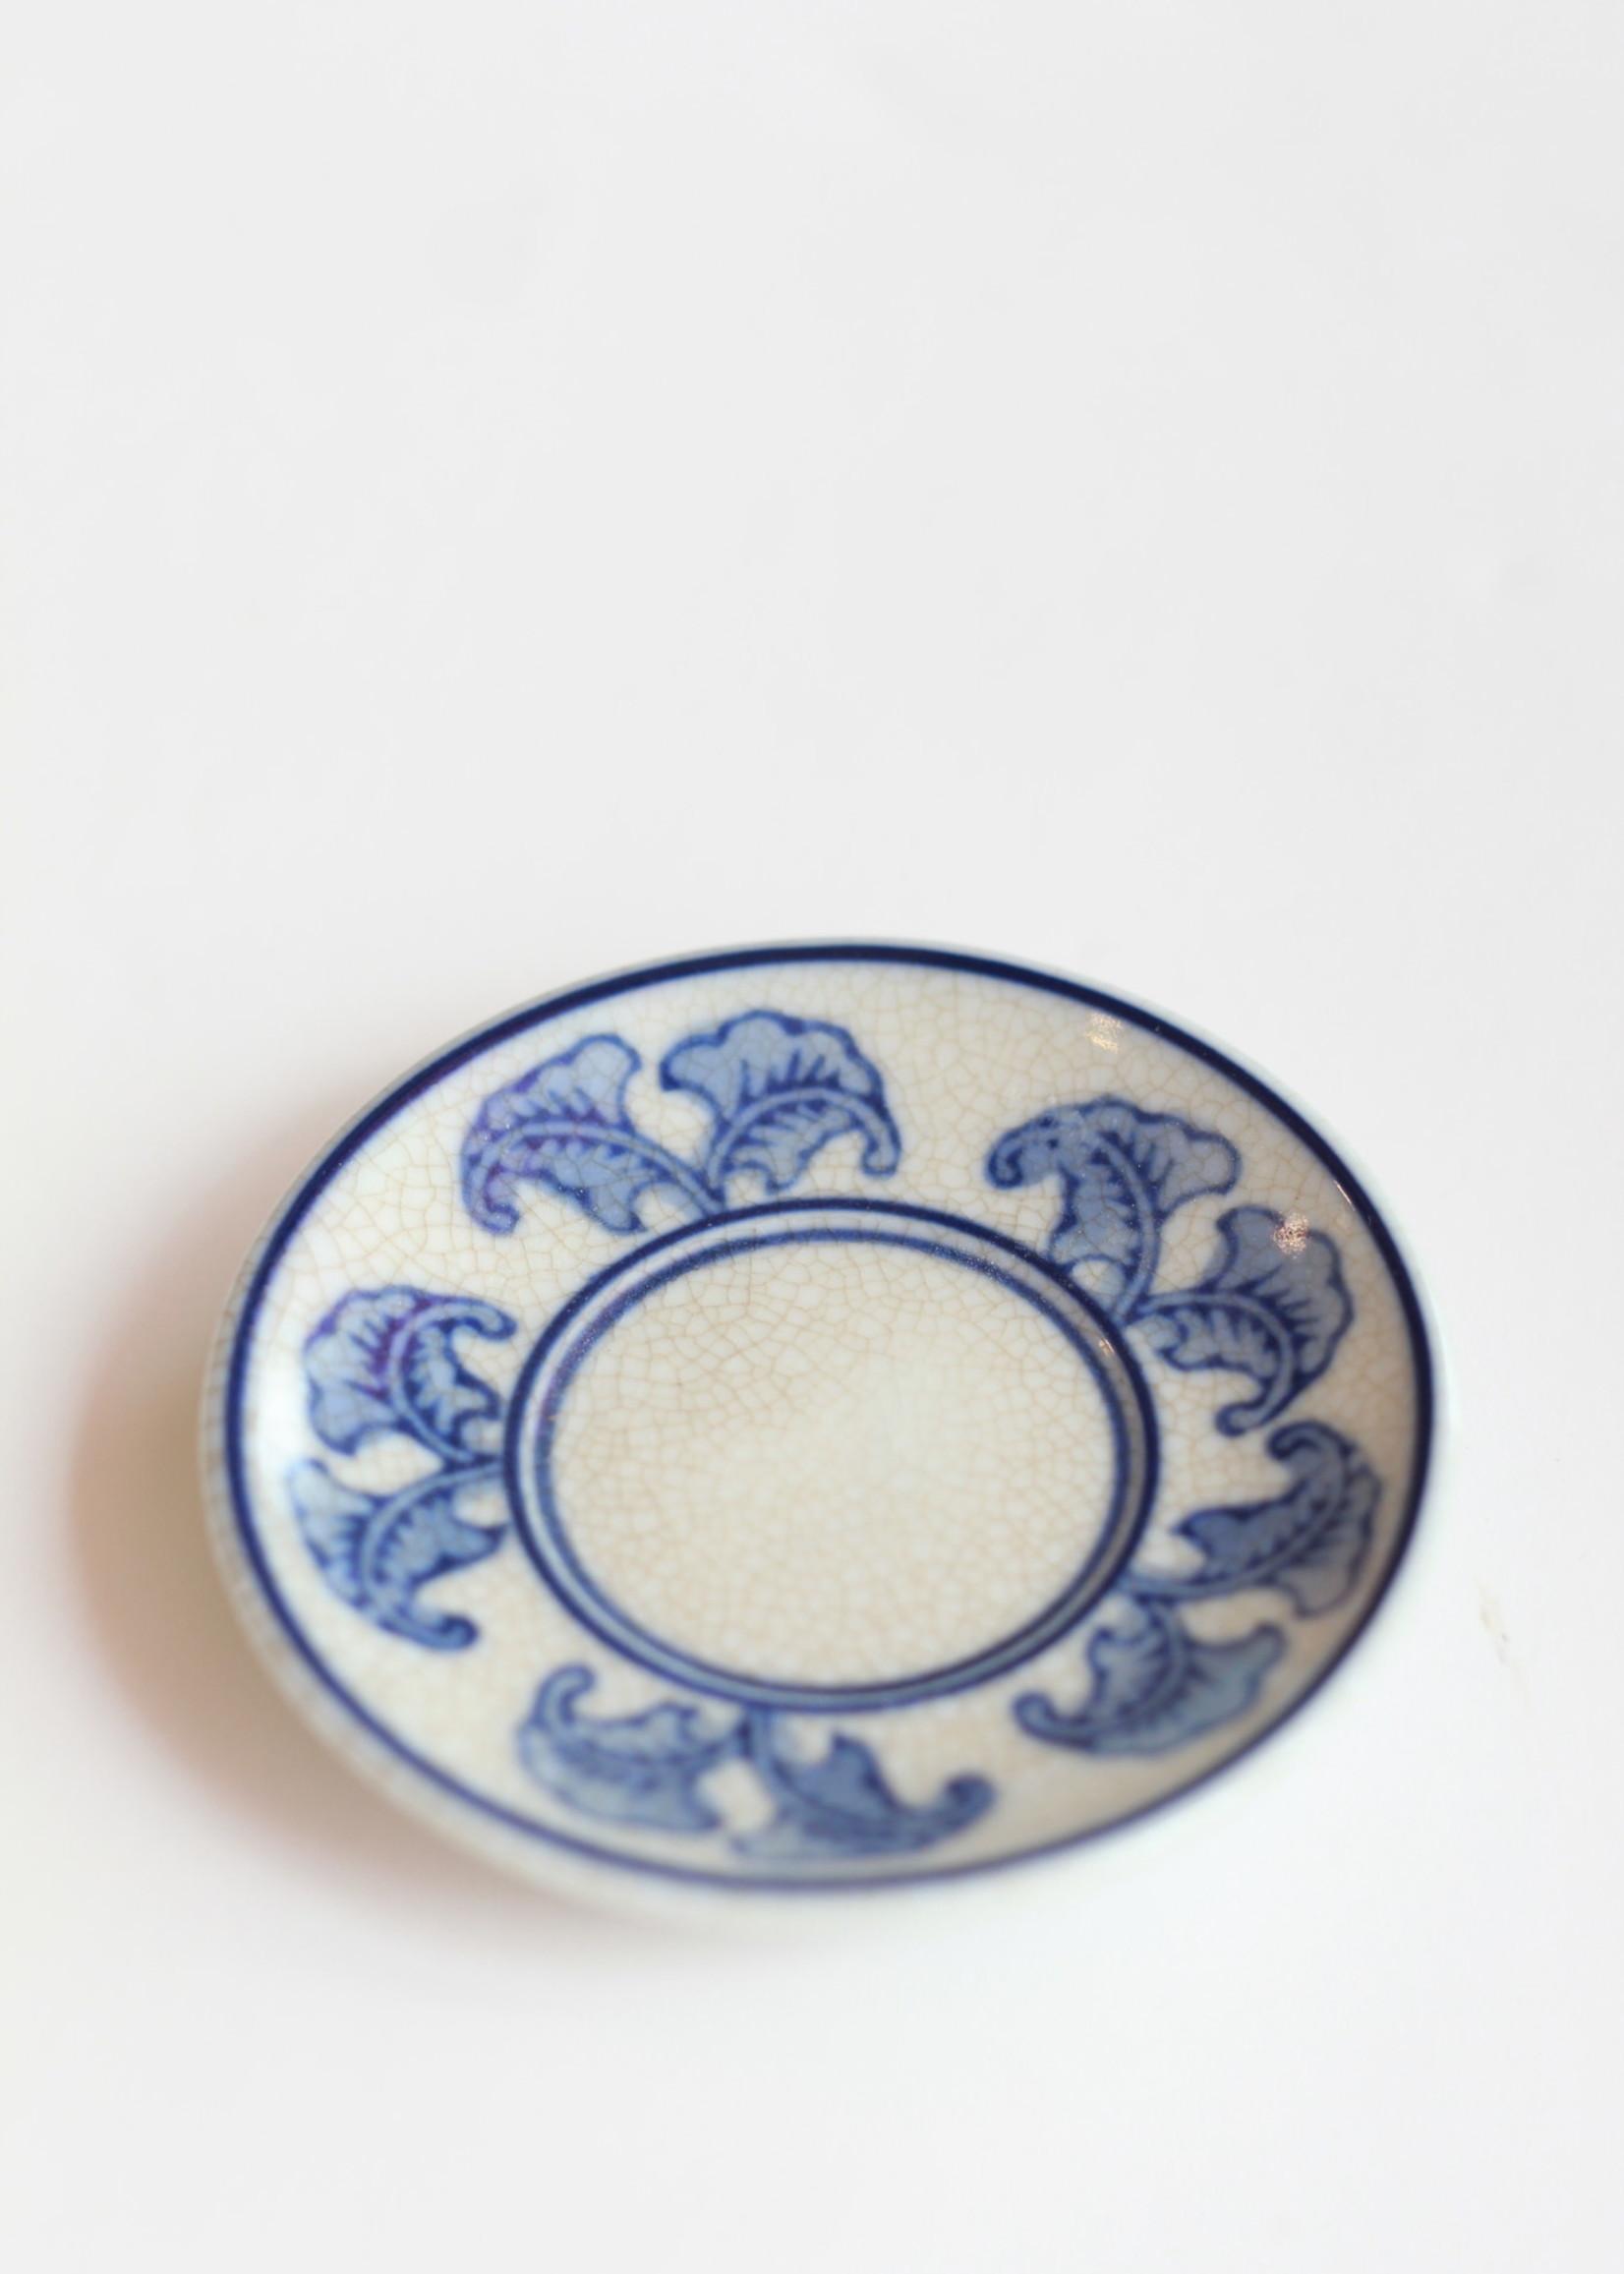 Local Squirrel Originals Stoneware Trinket Dish